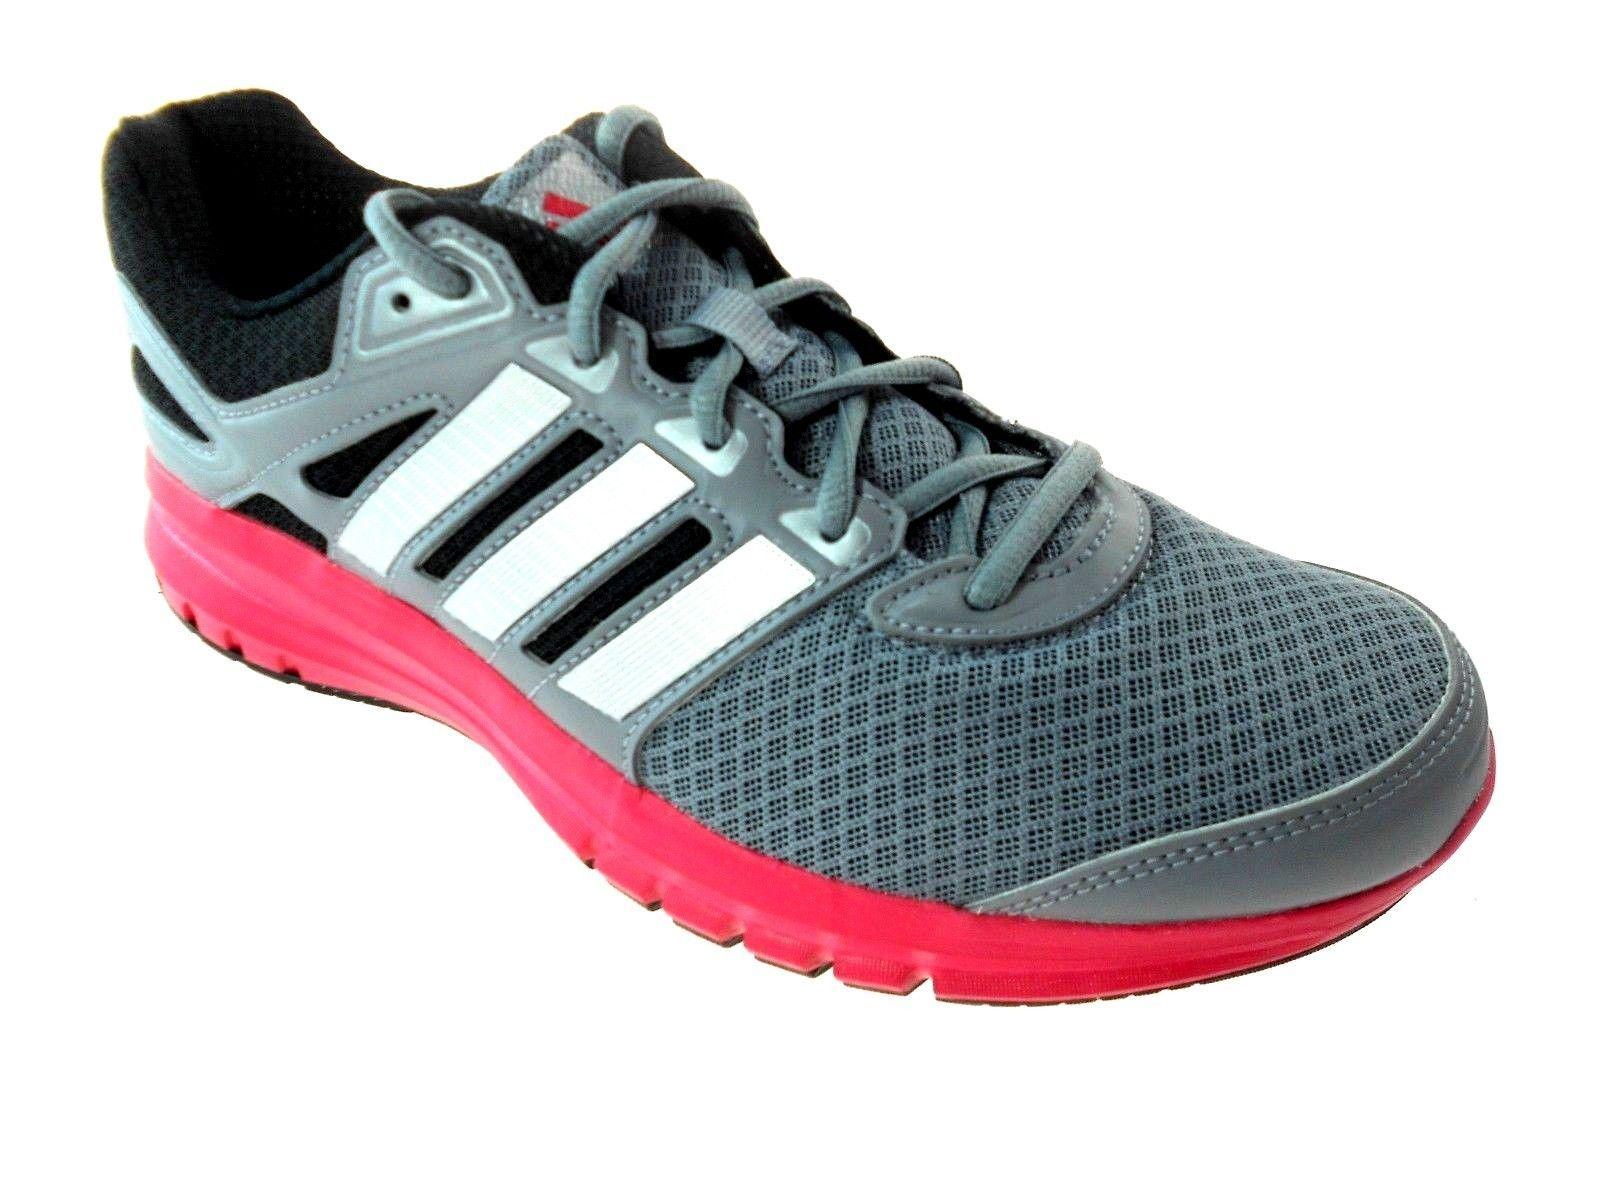 Adidas duramo 6 w le donne è grigio / nero correre e 47 oggetti simili